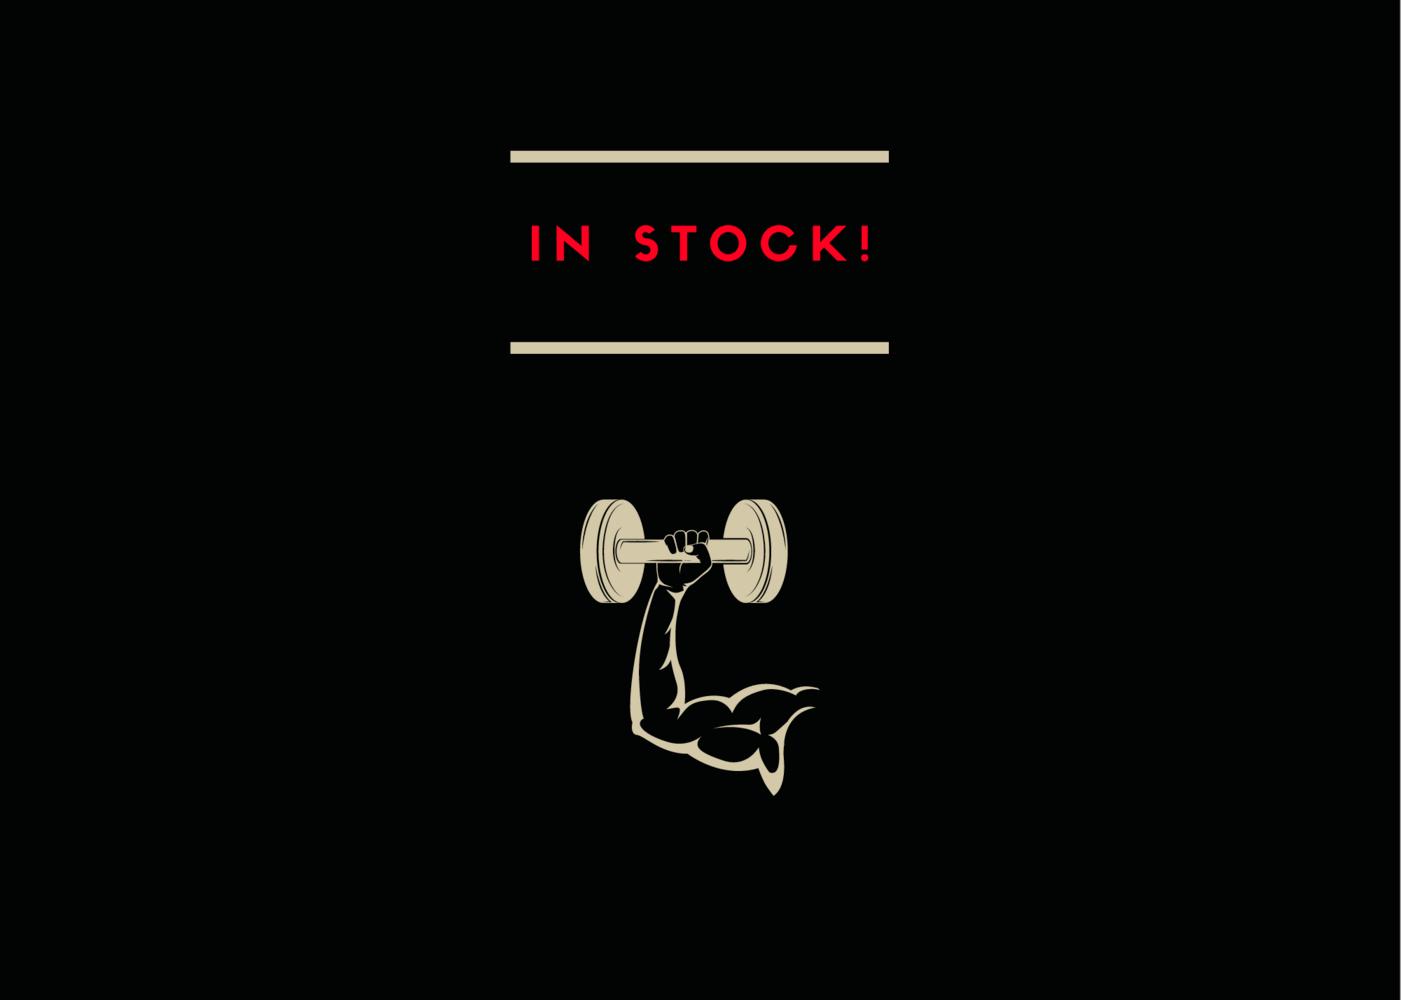 Adjustable Dumbbells in Stock!